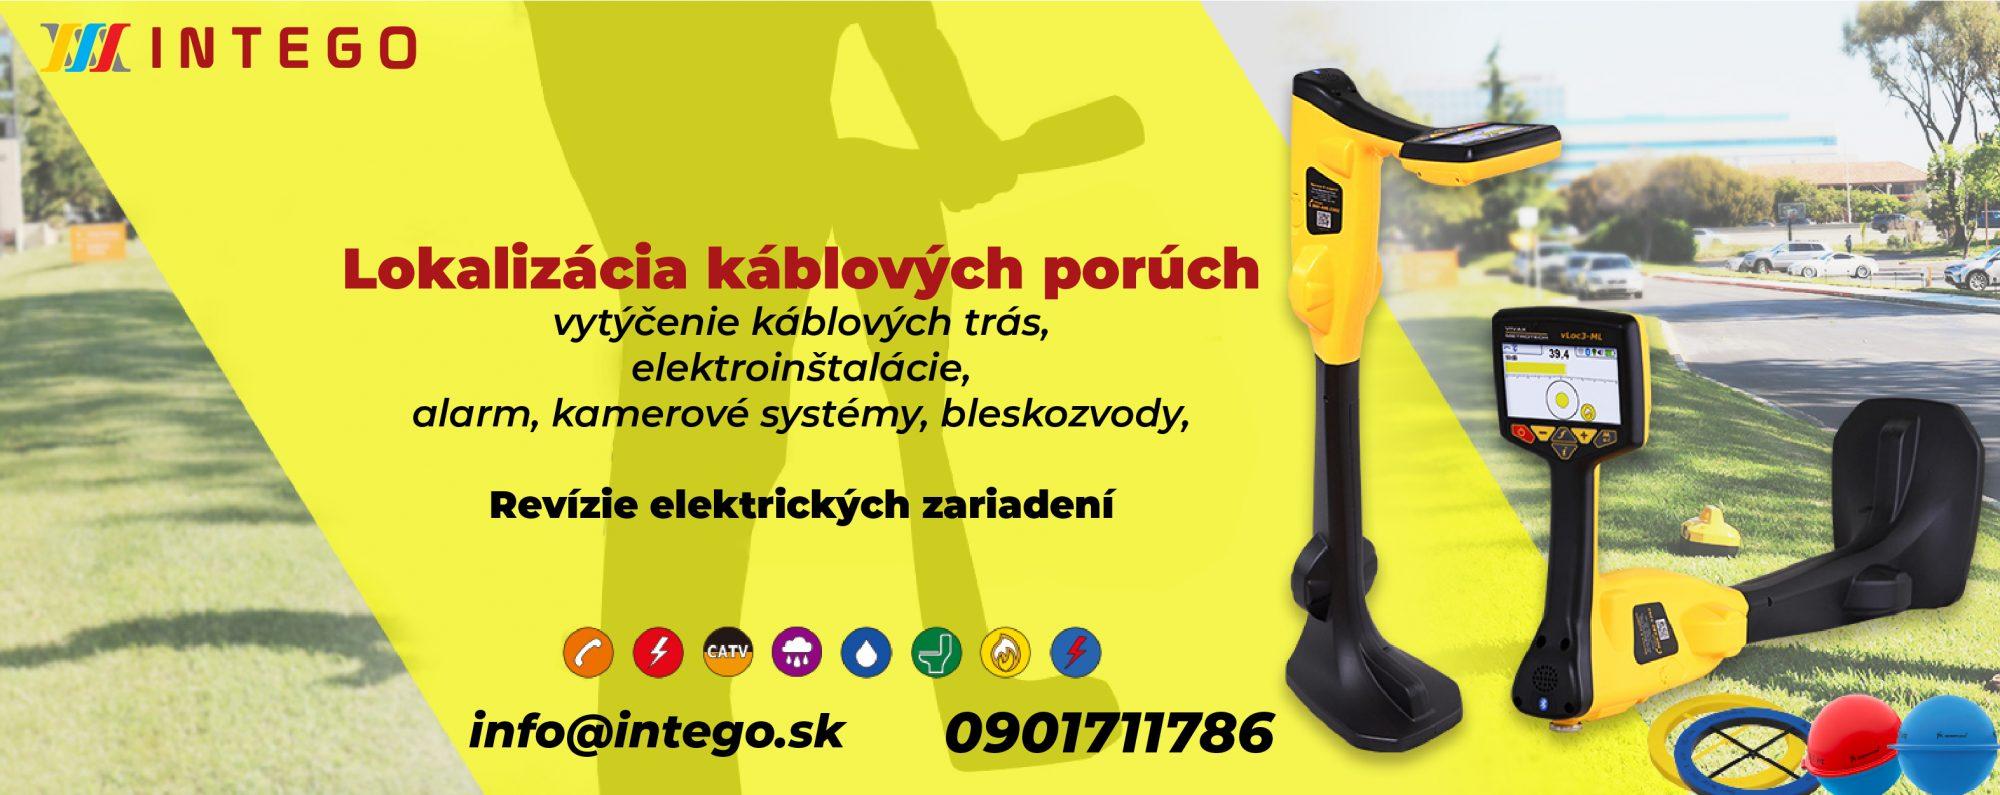 www.intego.sk